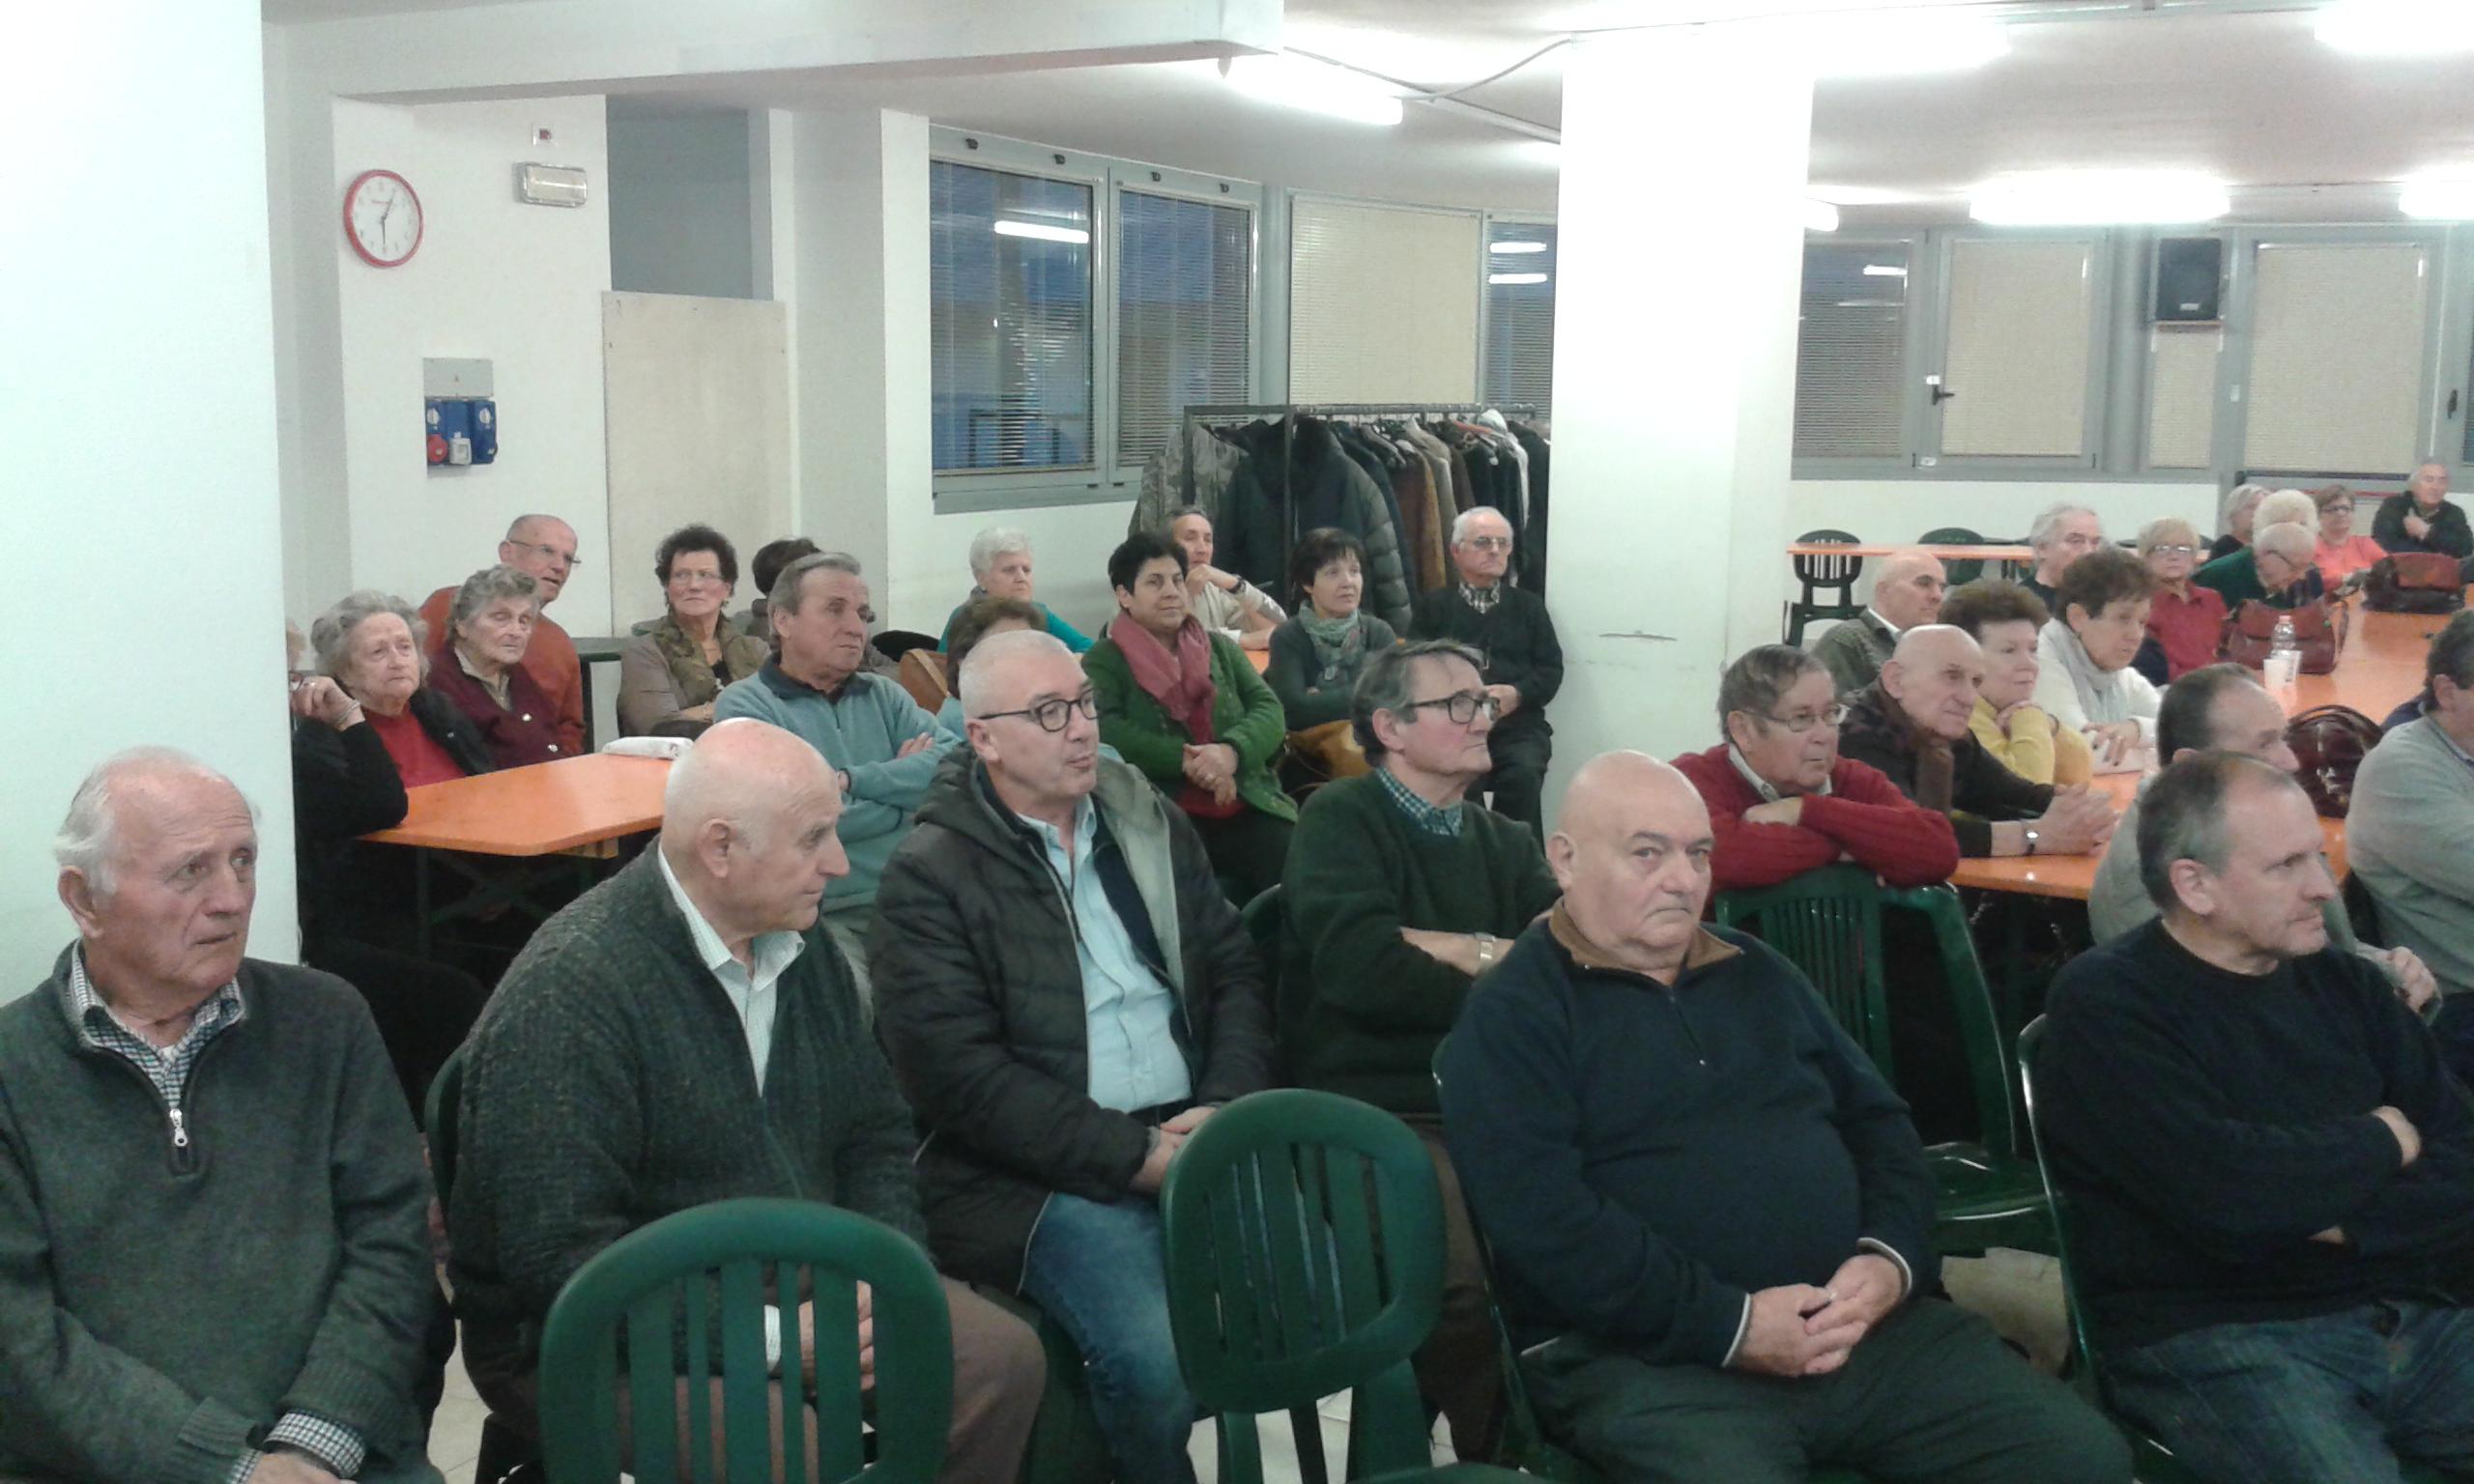 I carabinieri insegnano agli anziani come difendersi dalle truffe